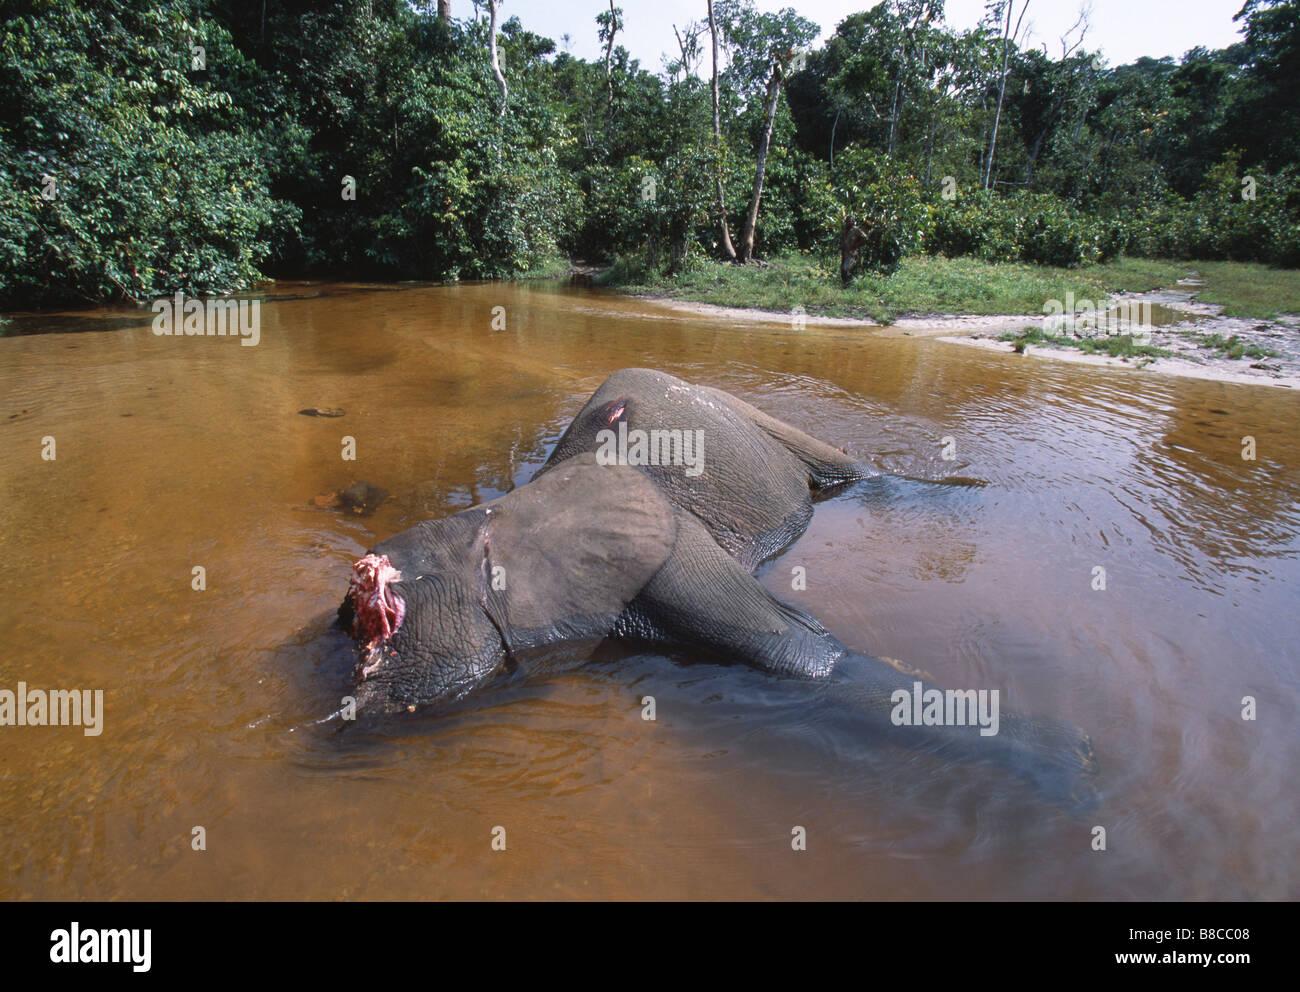 ELEPHANT killed - Stock Image